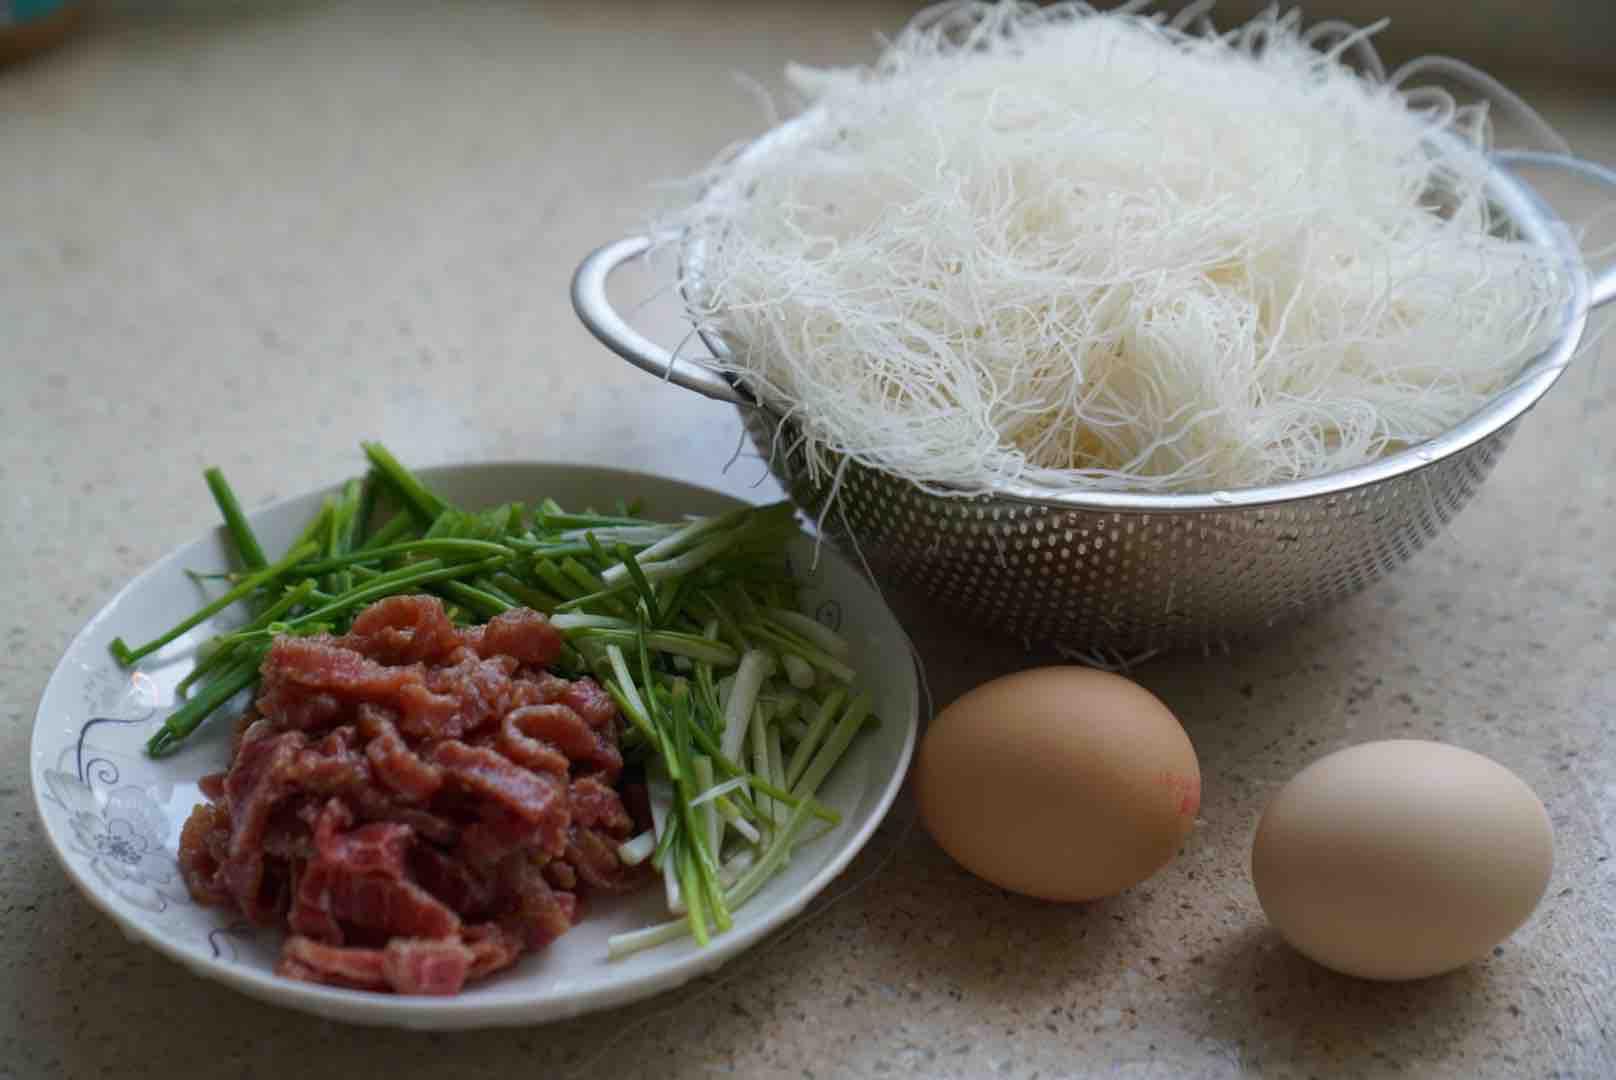 牛肉鸡蛋炒粉的做法大全